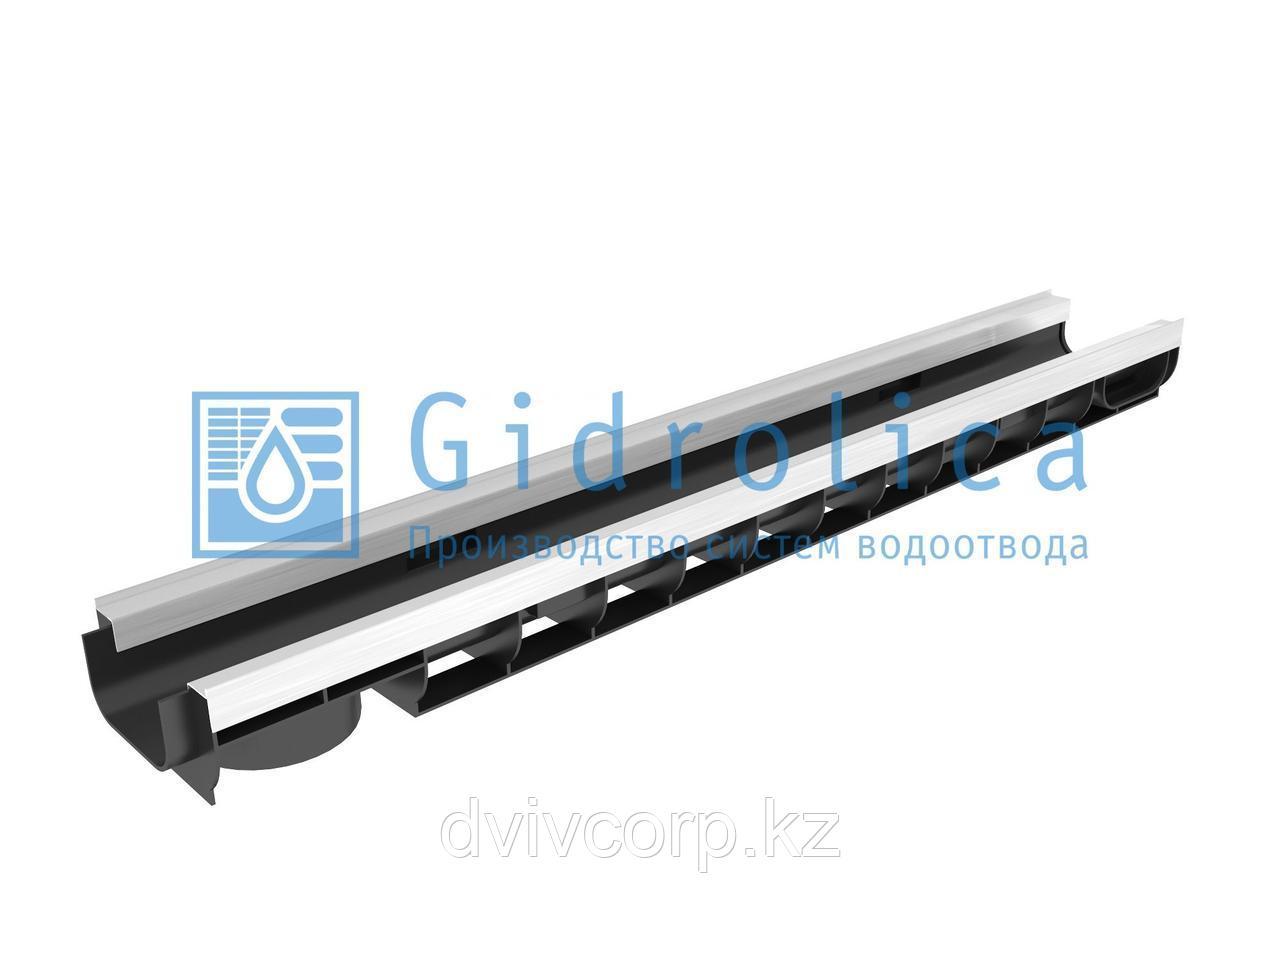 Арт. 8034 Лоток водоотводный Gidrolica Standart Plus ЛВ-10.14,5.08 - пластиковый (усиленный)